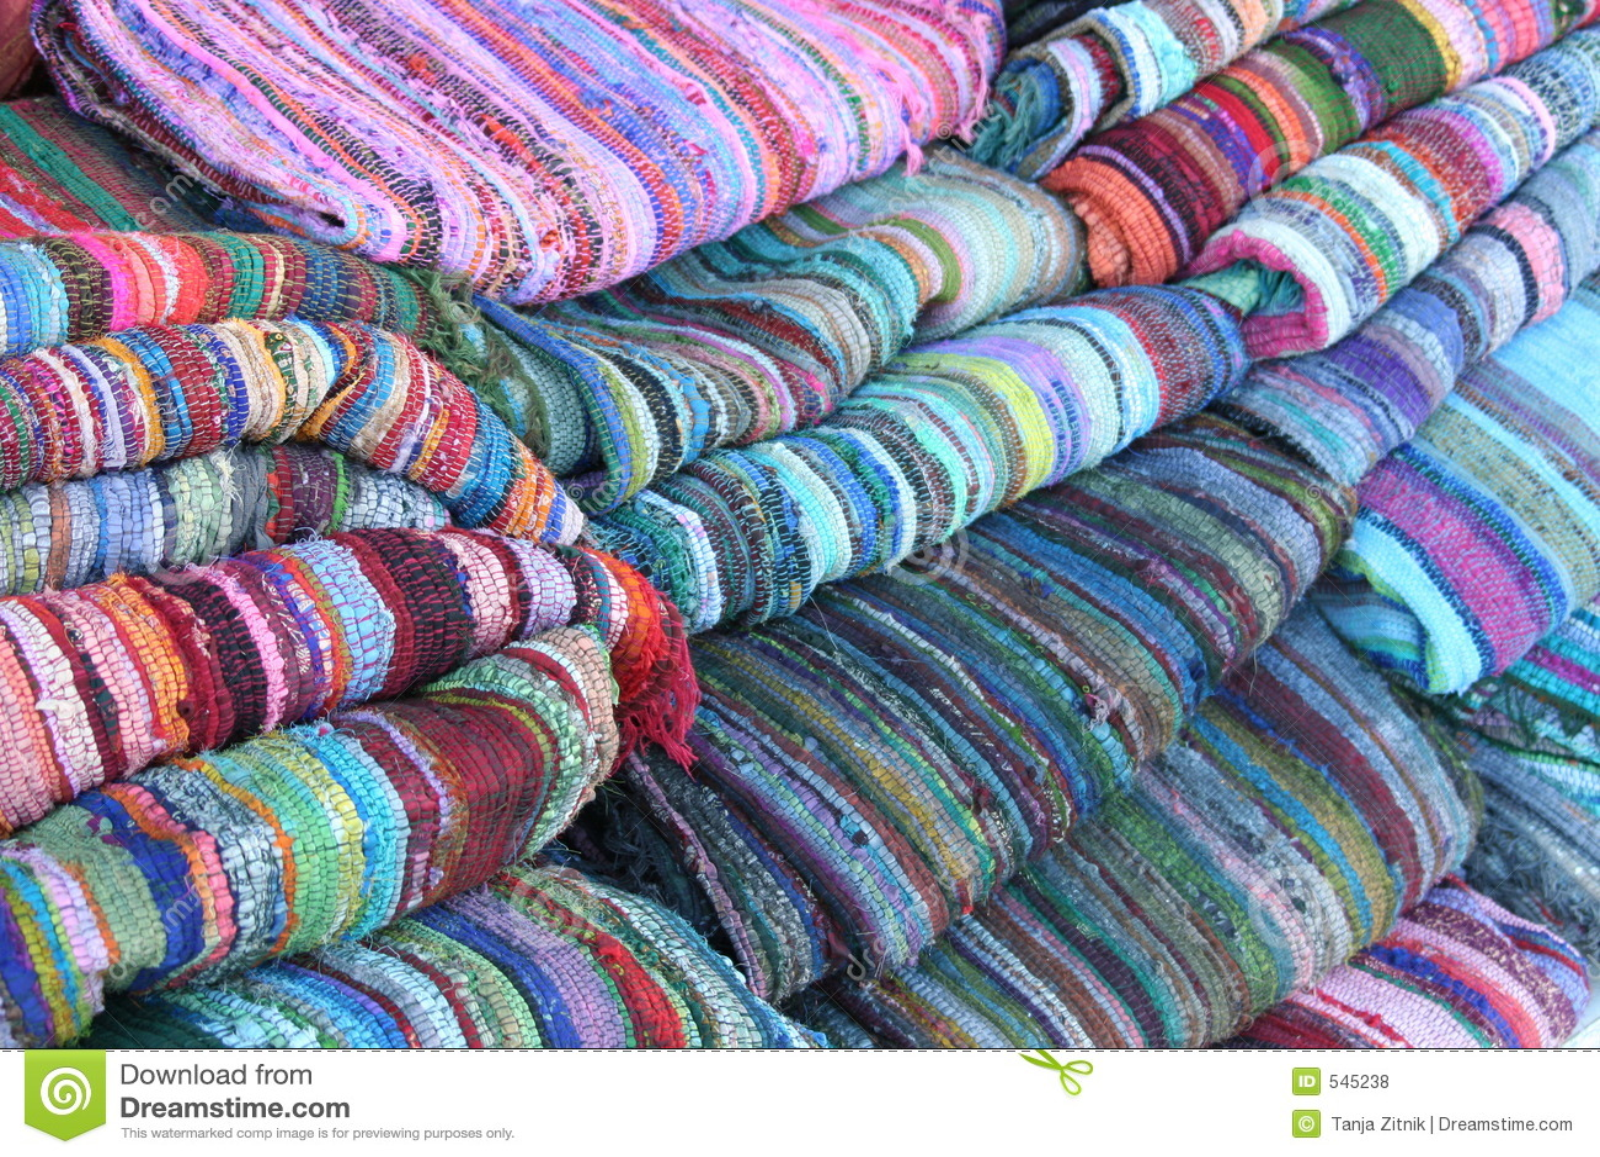 Bunte Teppiche Lizenzfreie Stockfotos  Bild 545238